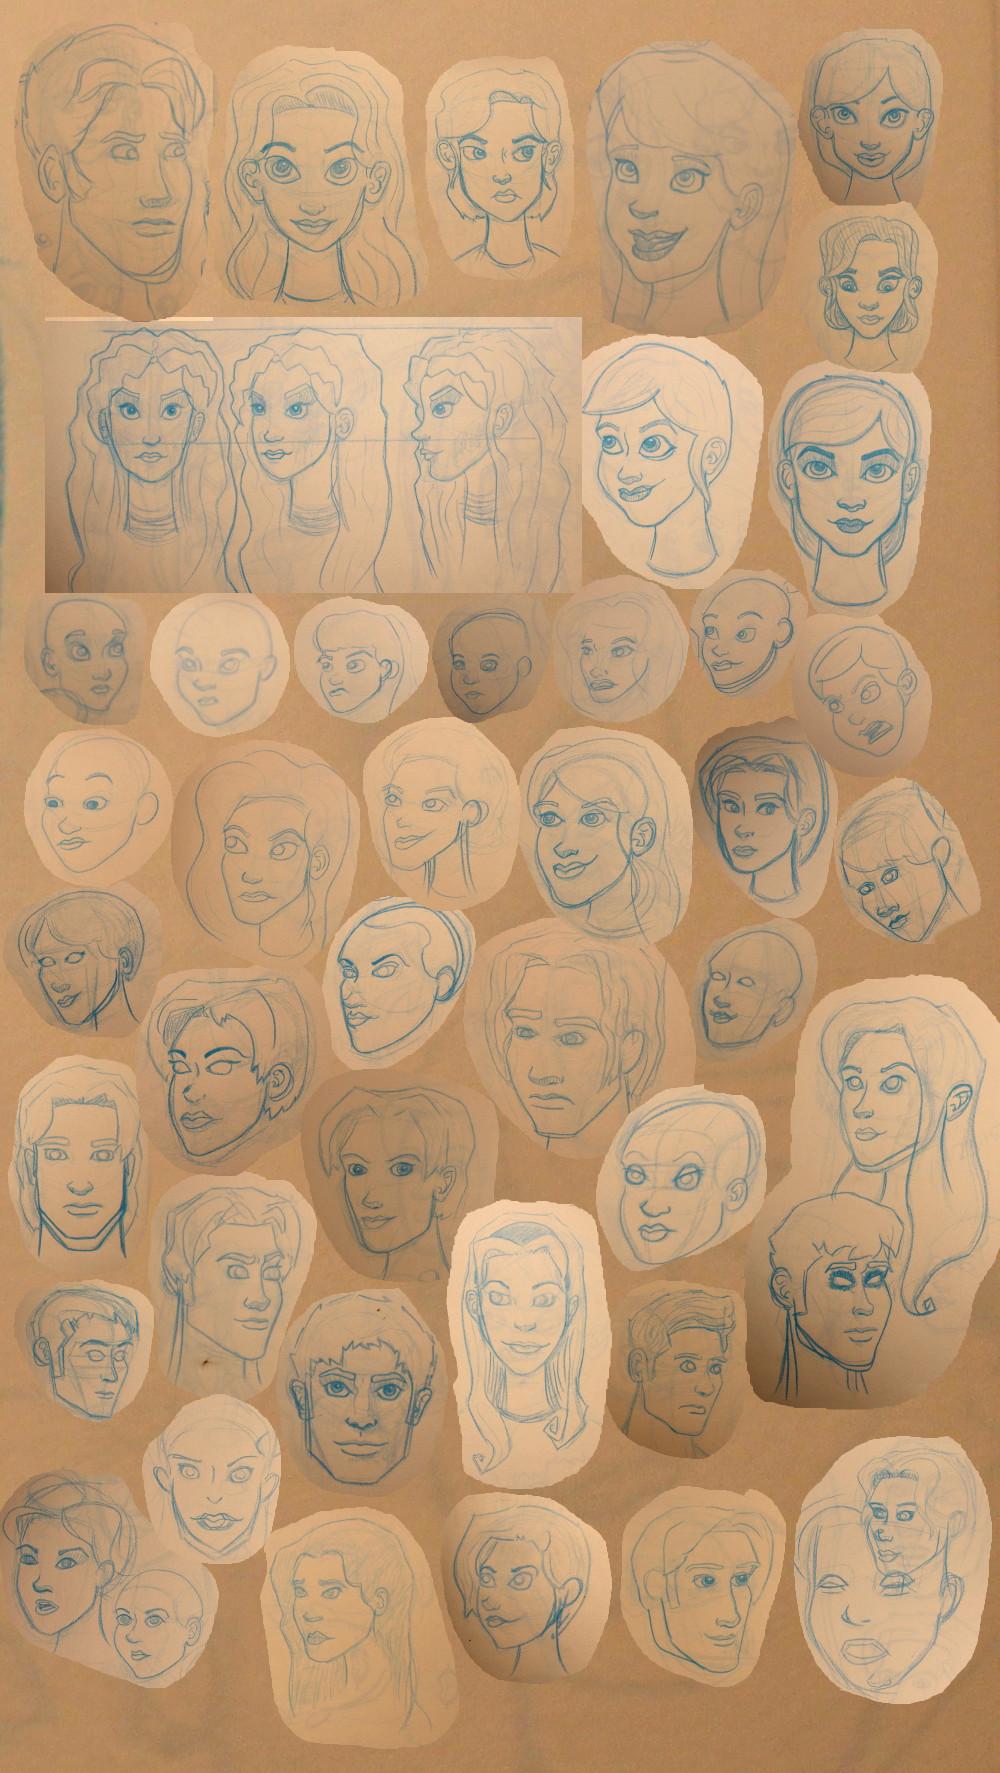 sketchdump-150502d